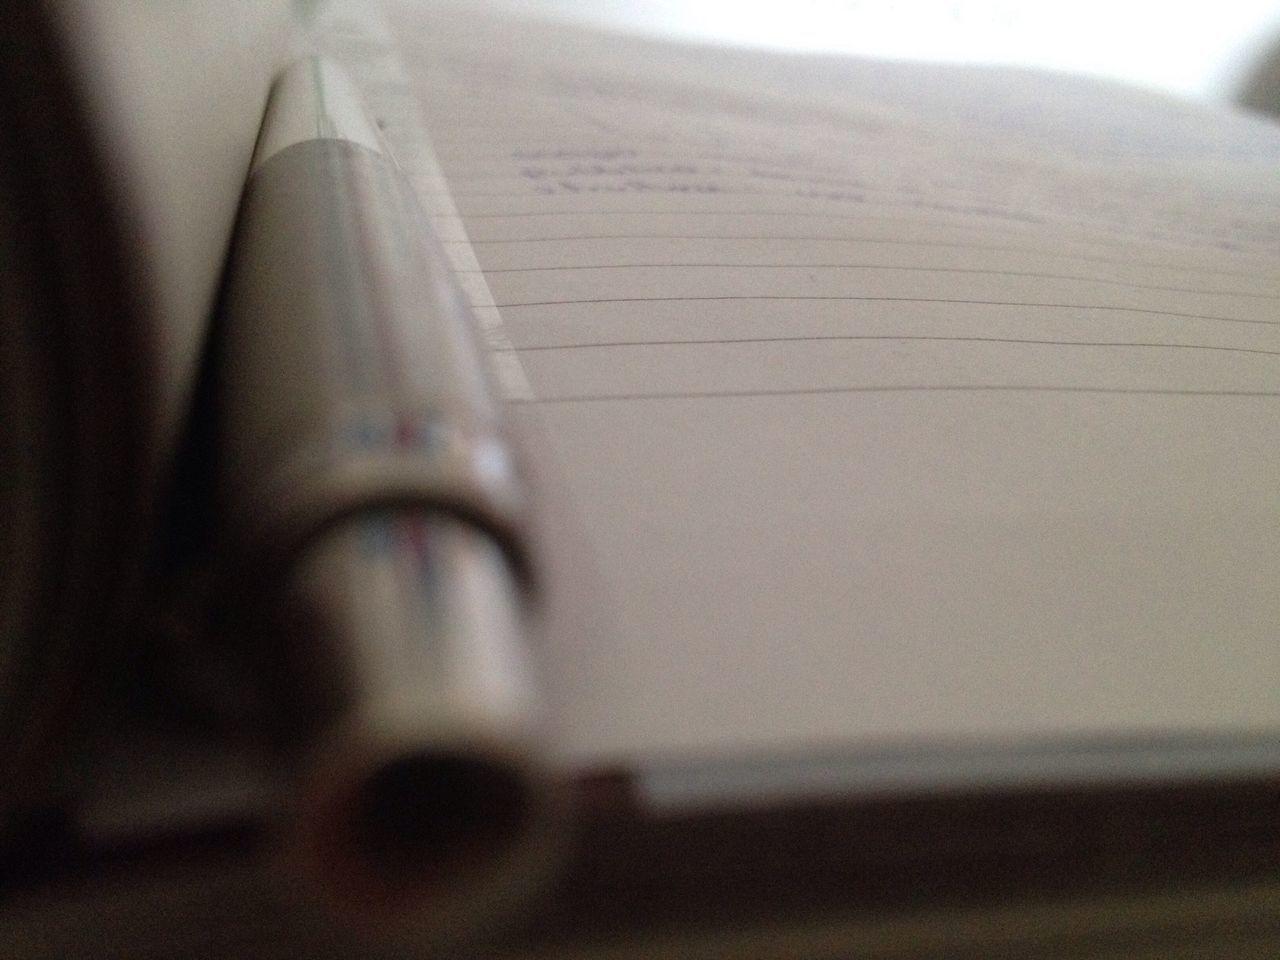 Pen Homework Paper Indoors  Prospective White Gray